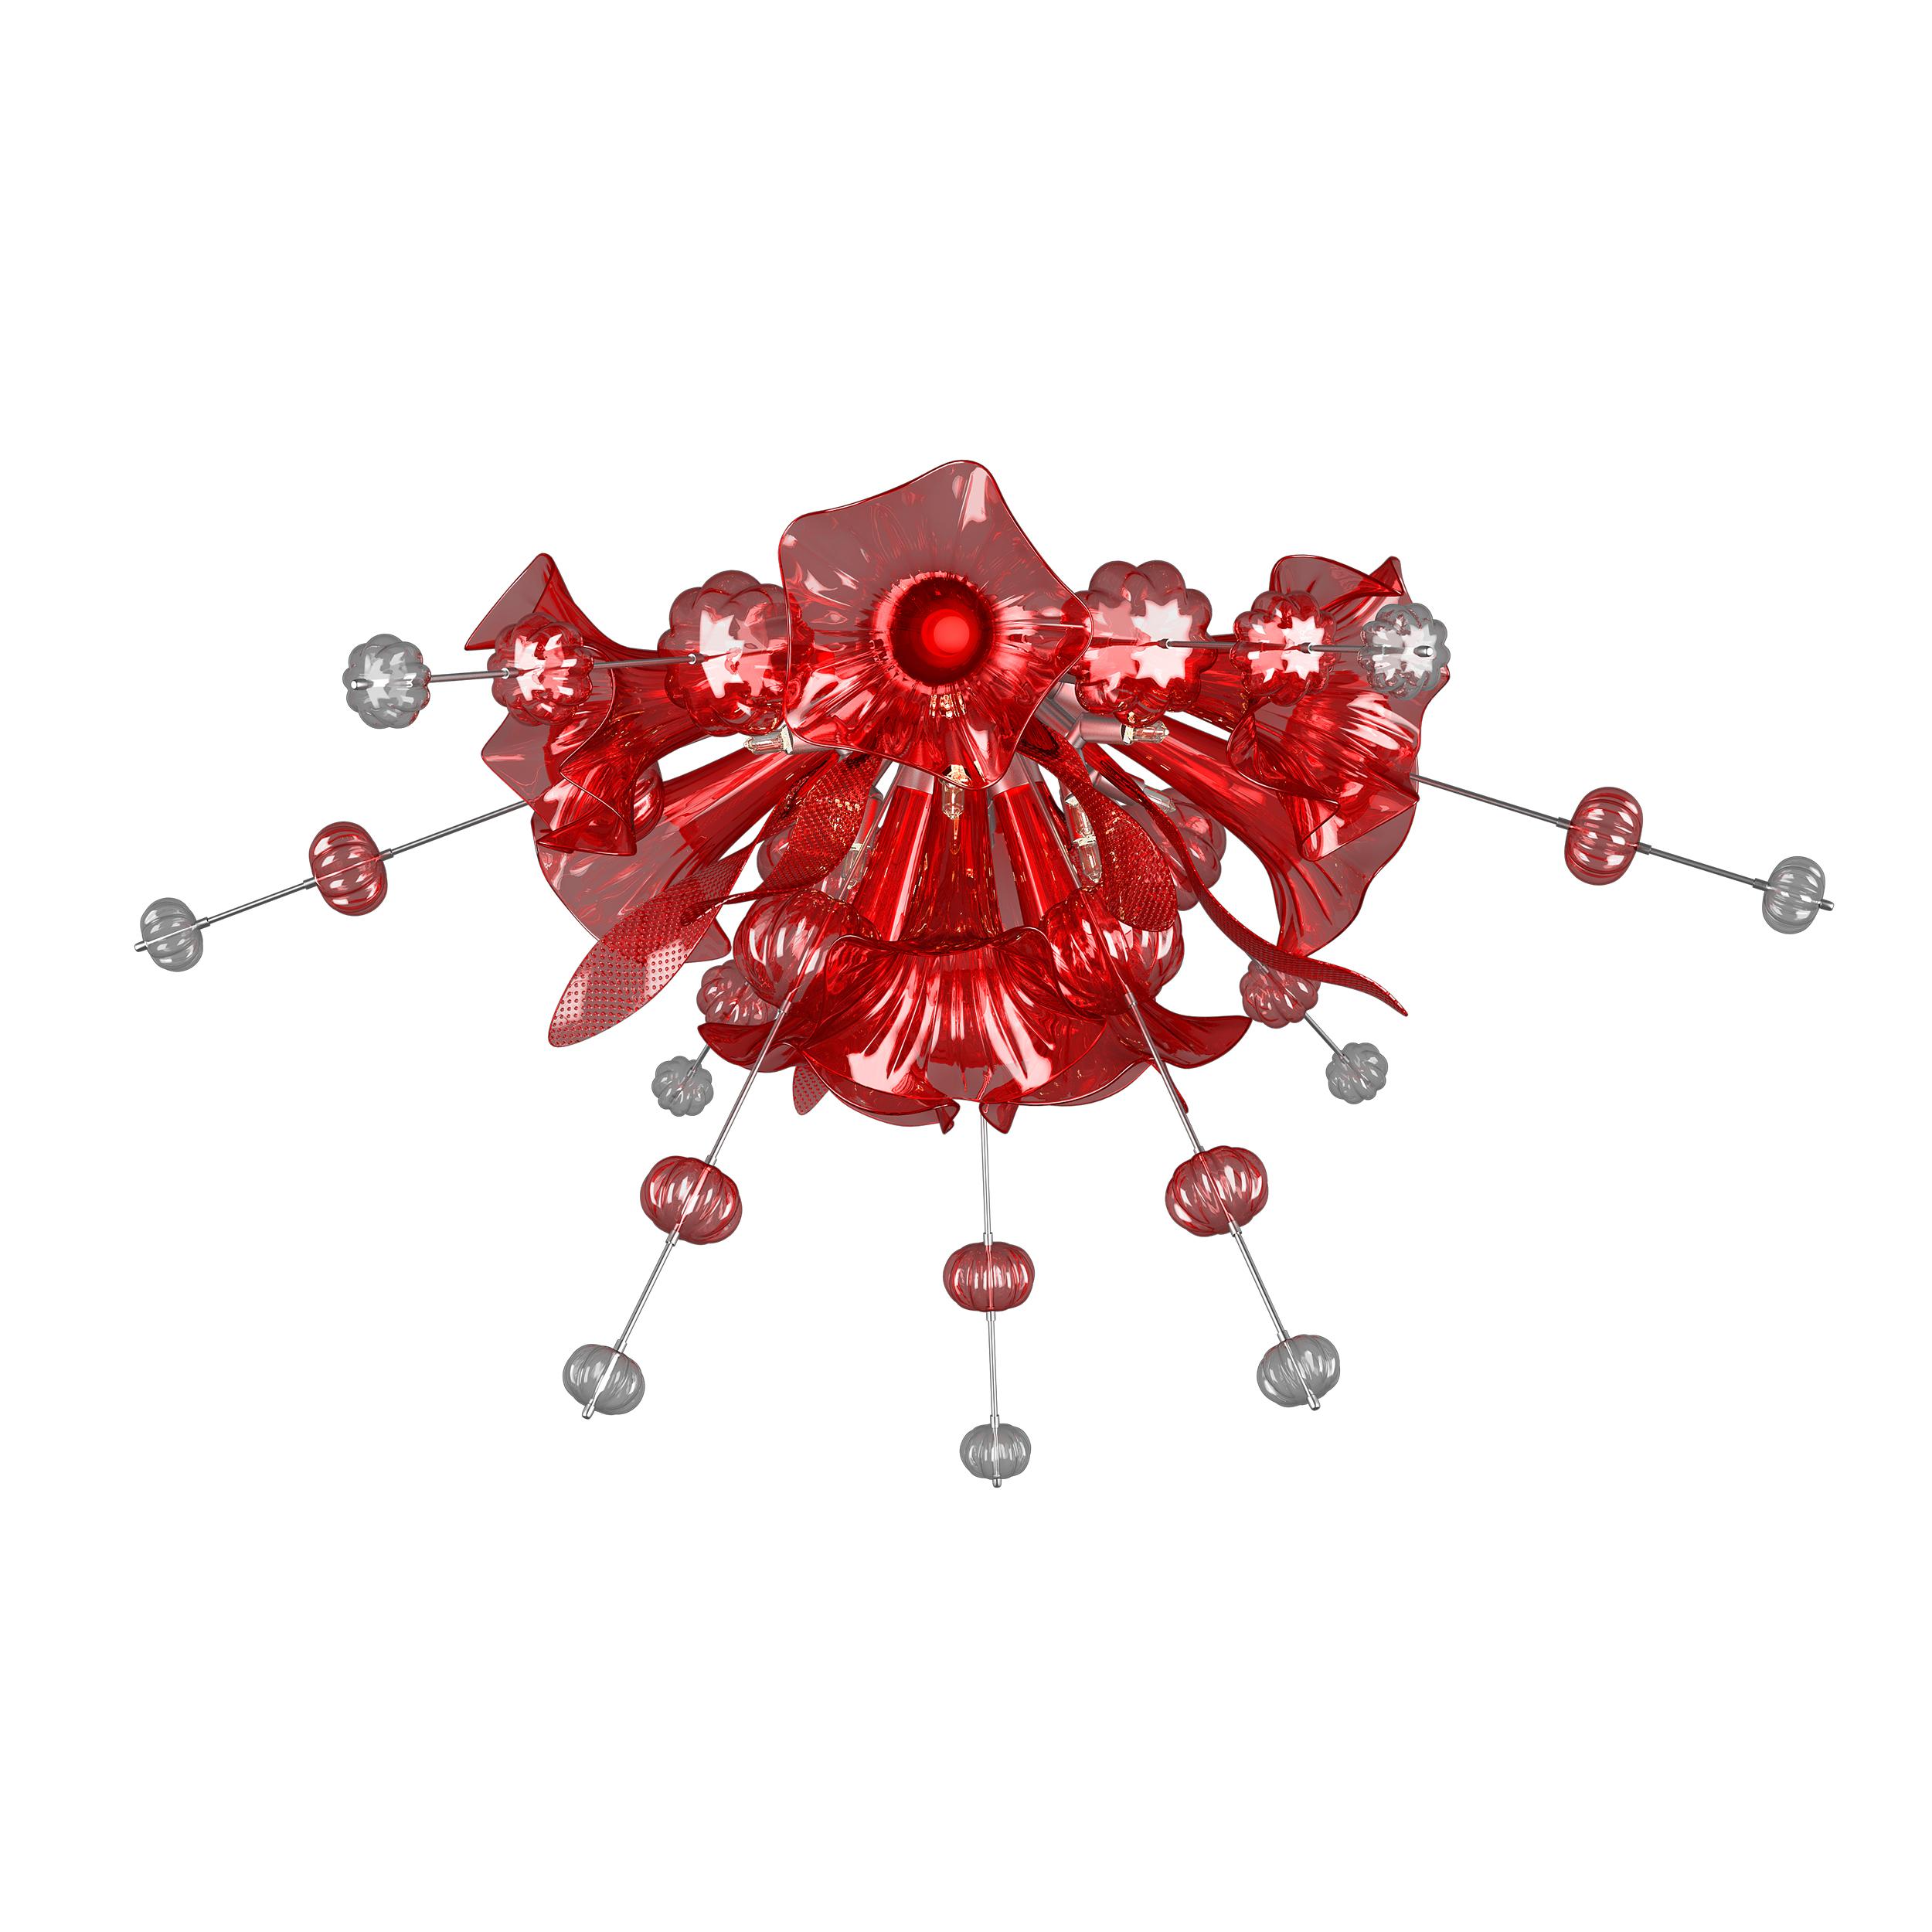 Потолочная люстра Lightstar Celesta 893022, 12xG9x25W, хром, красный, металл, стекло - фото 1